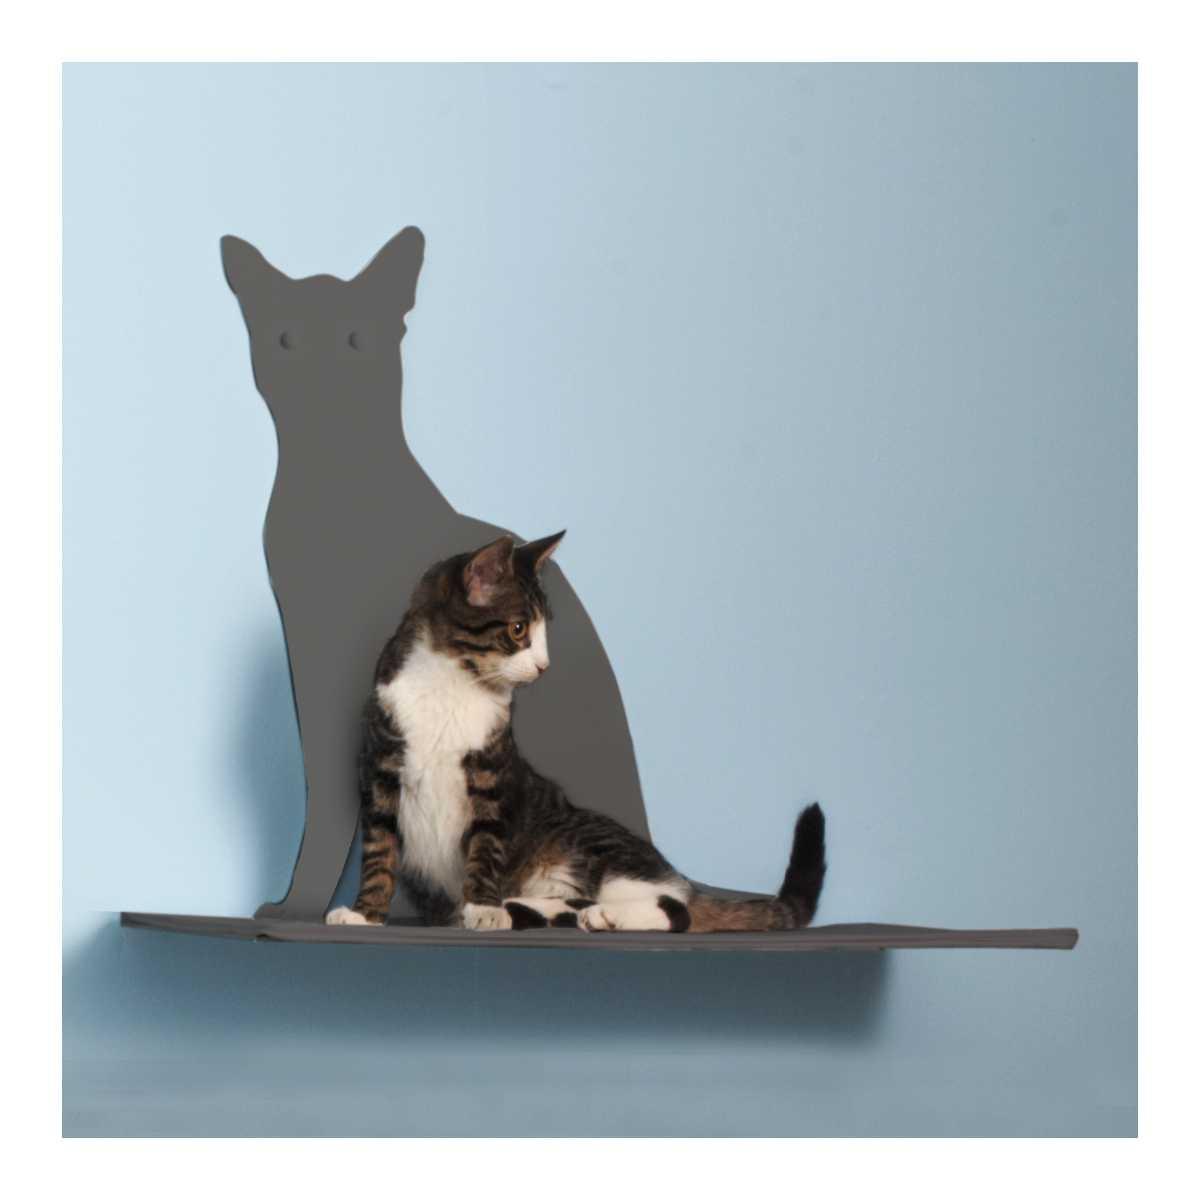 Cat Silhouette Cat Shelf Perch